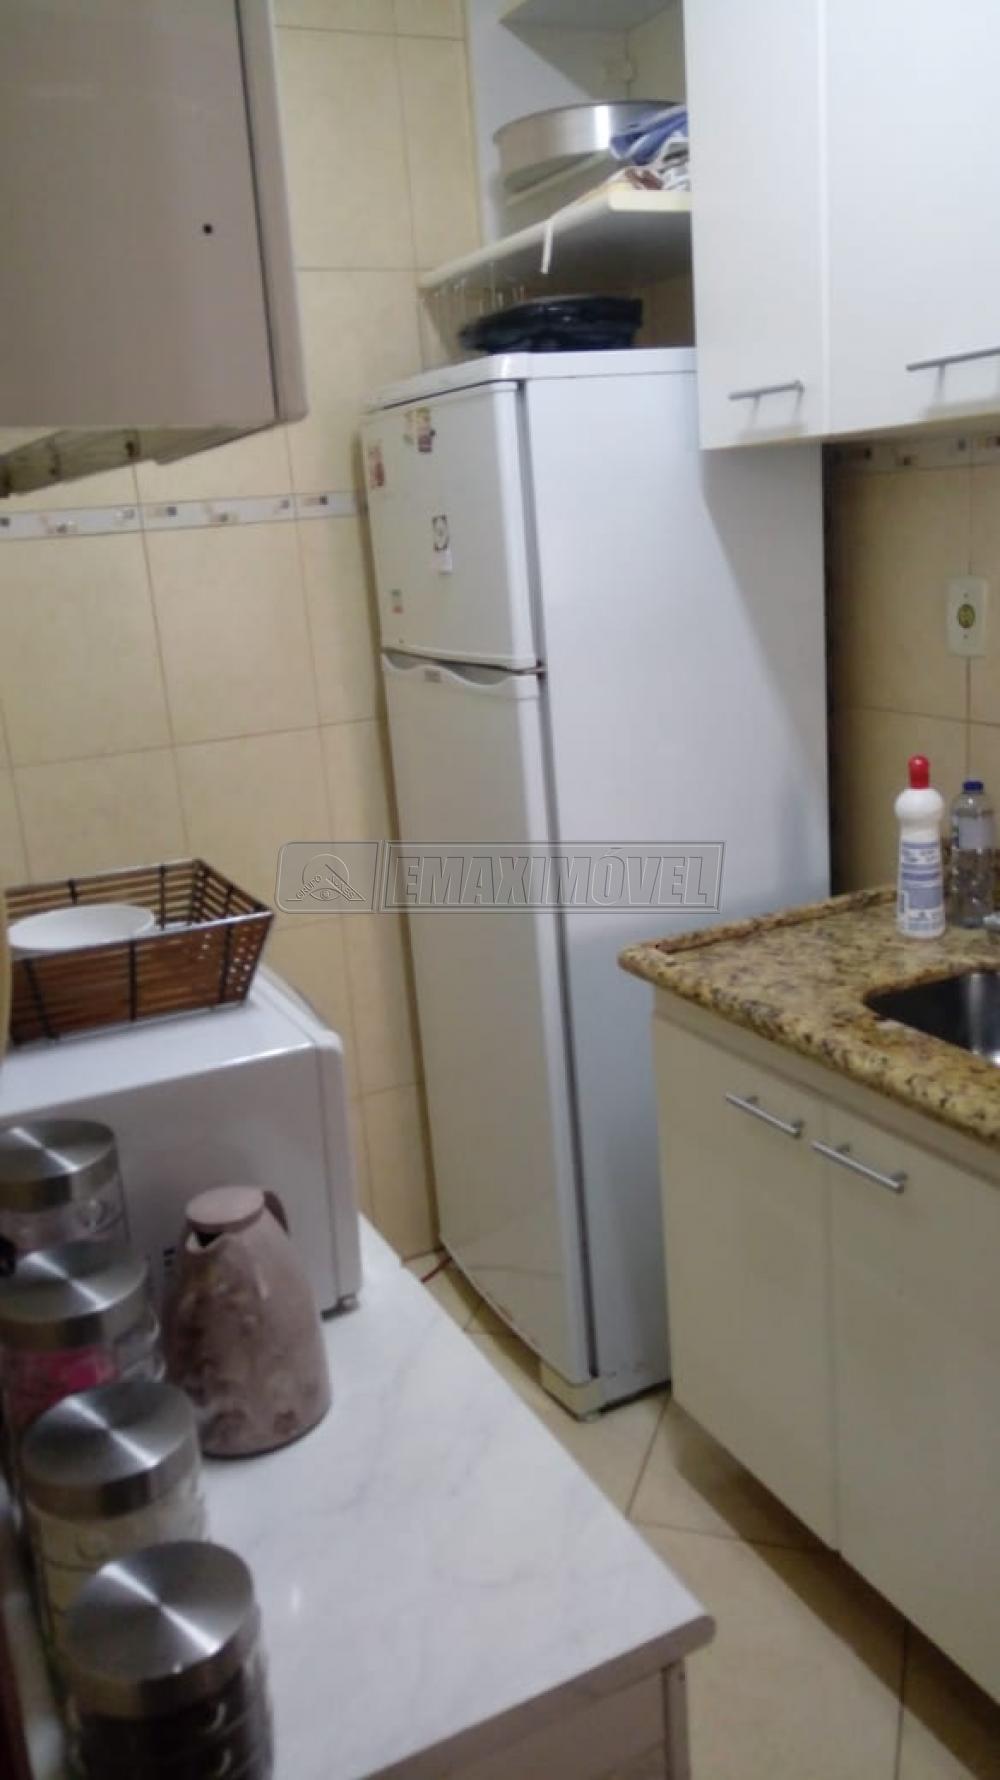 Alugar Apartamento / Padrão em Sorocaba R$ 1.000,00 - Foto 5